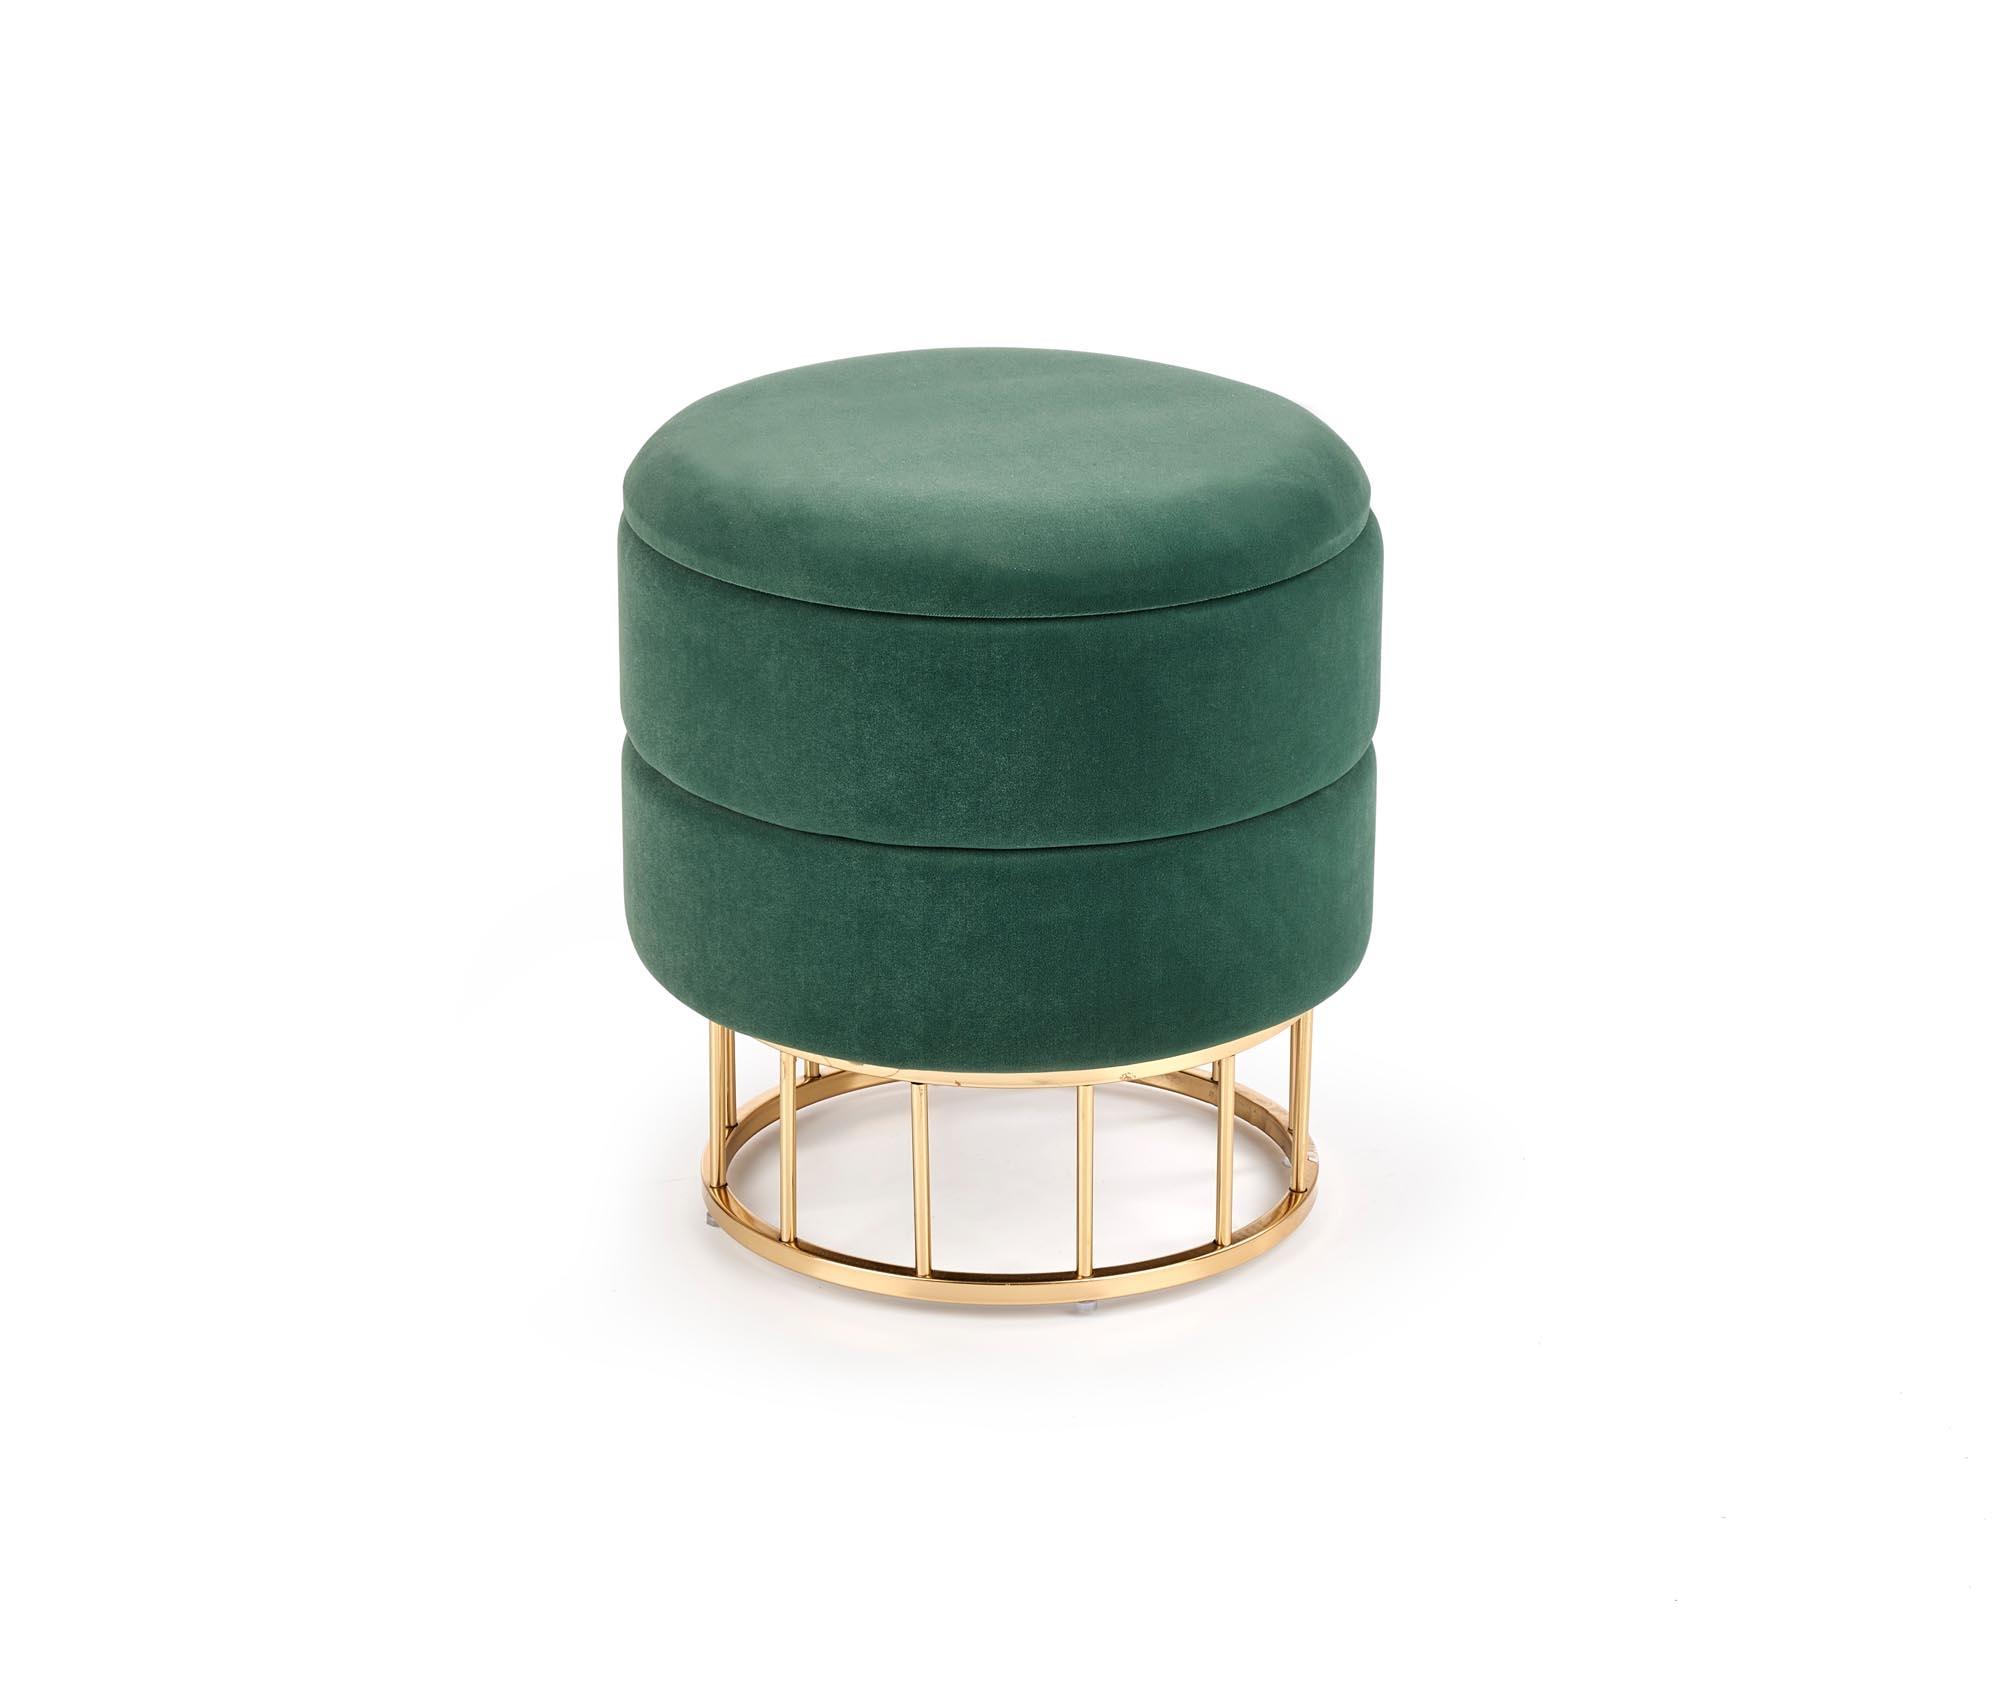 Taburet tapitat cu stofa si spatiu de depozitare Minty Verde inchis / Auriu, Ø37xH41 cm imagine